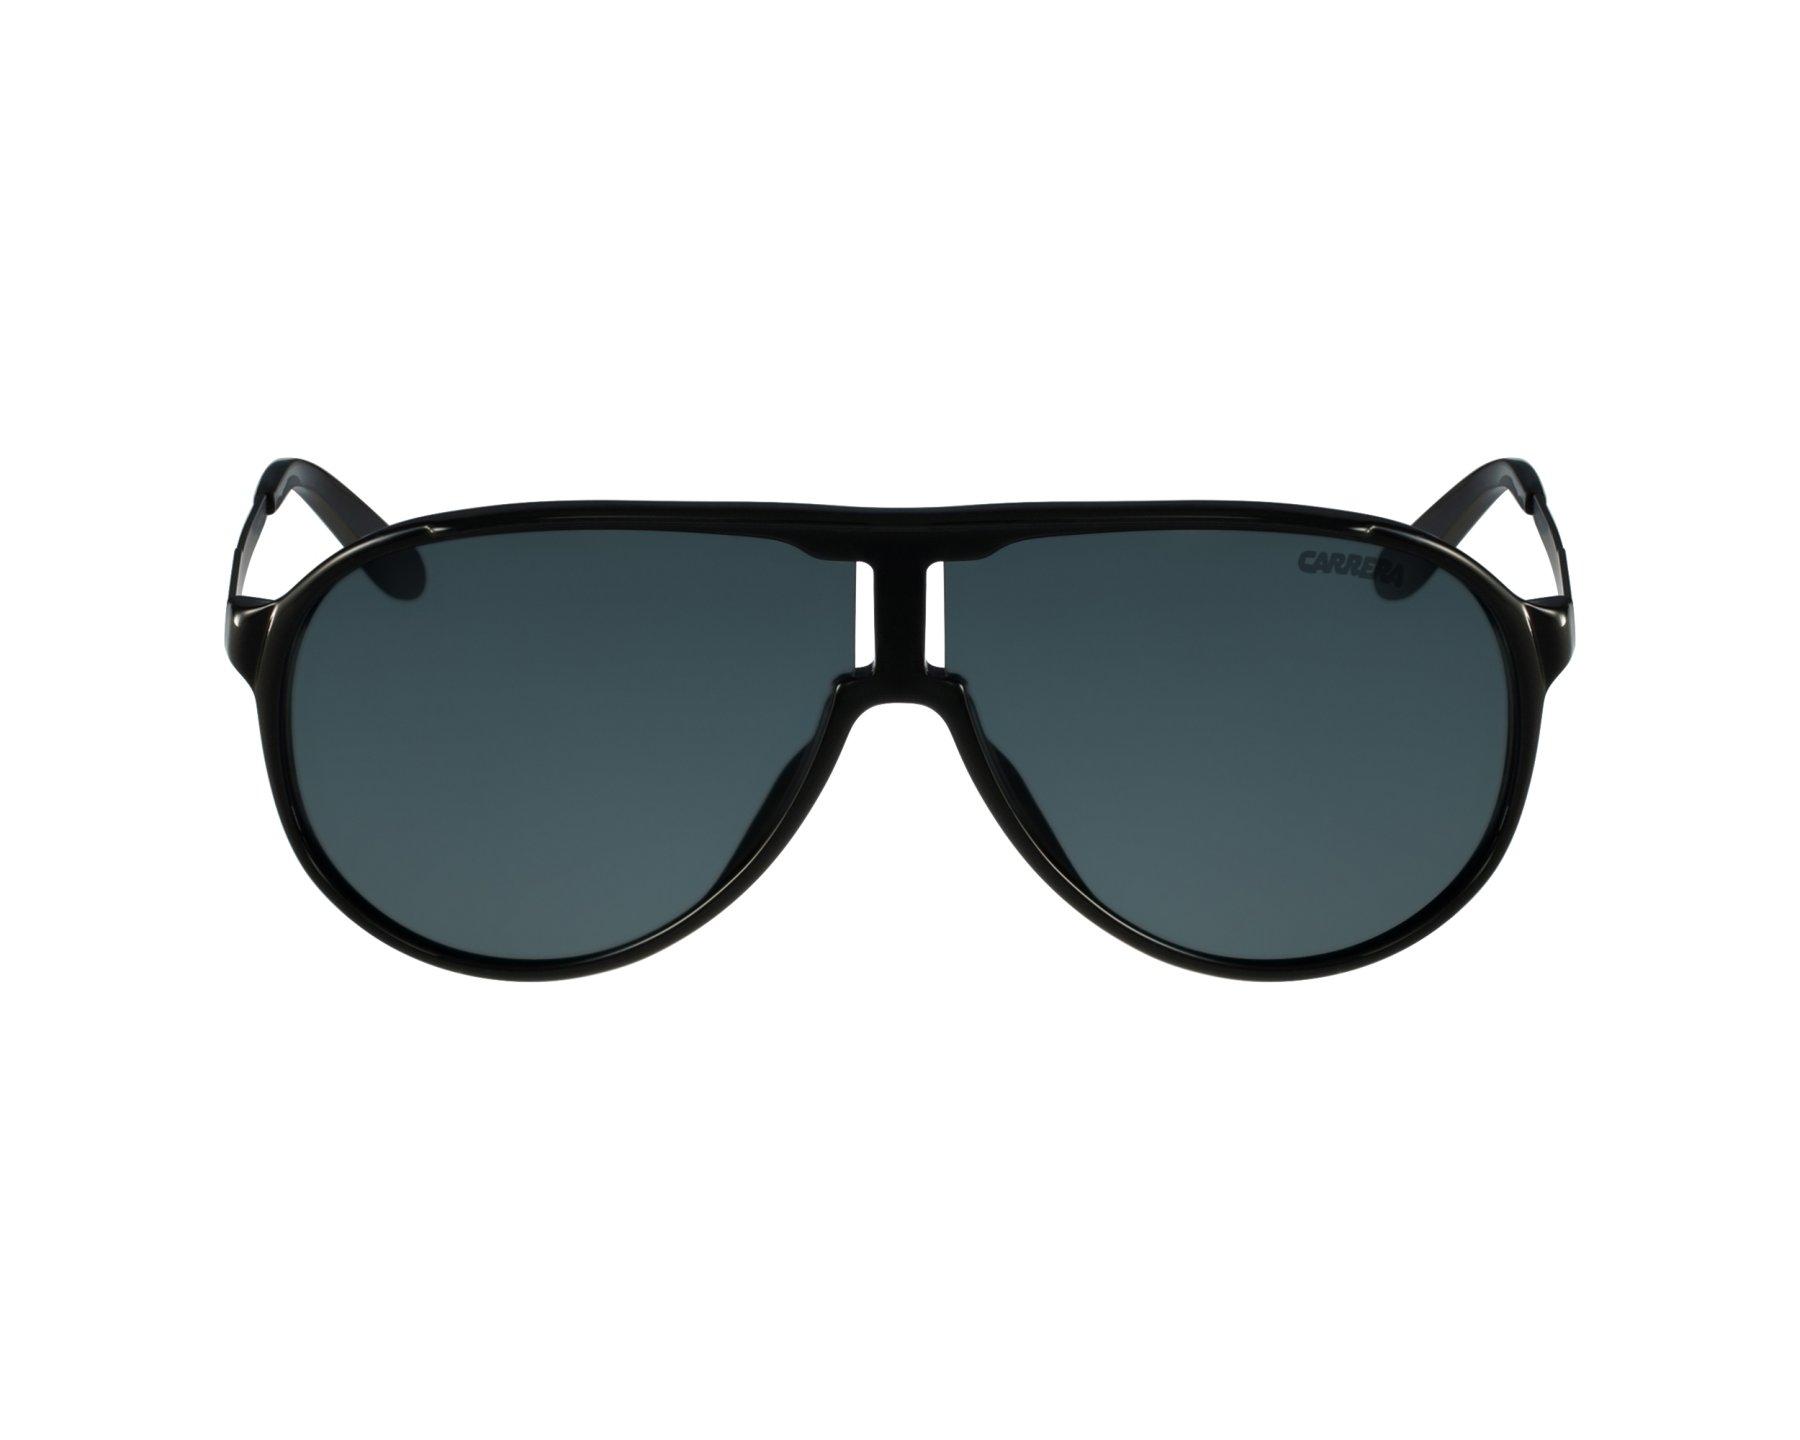 78c11c1ec92 Sunglasses Carrera New-Champion LB0 RA - Black Silver profile view